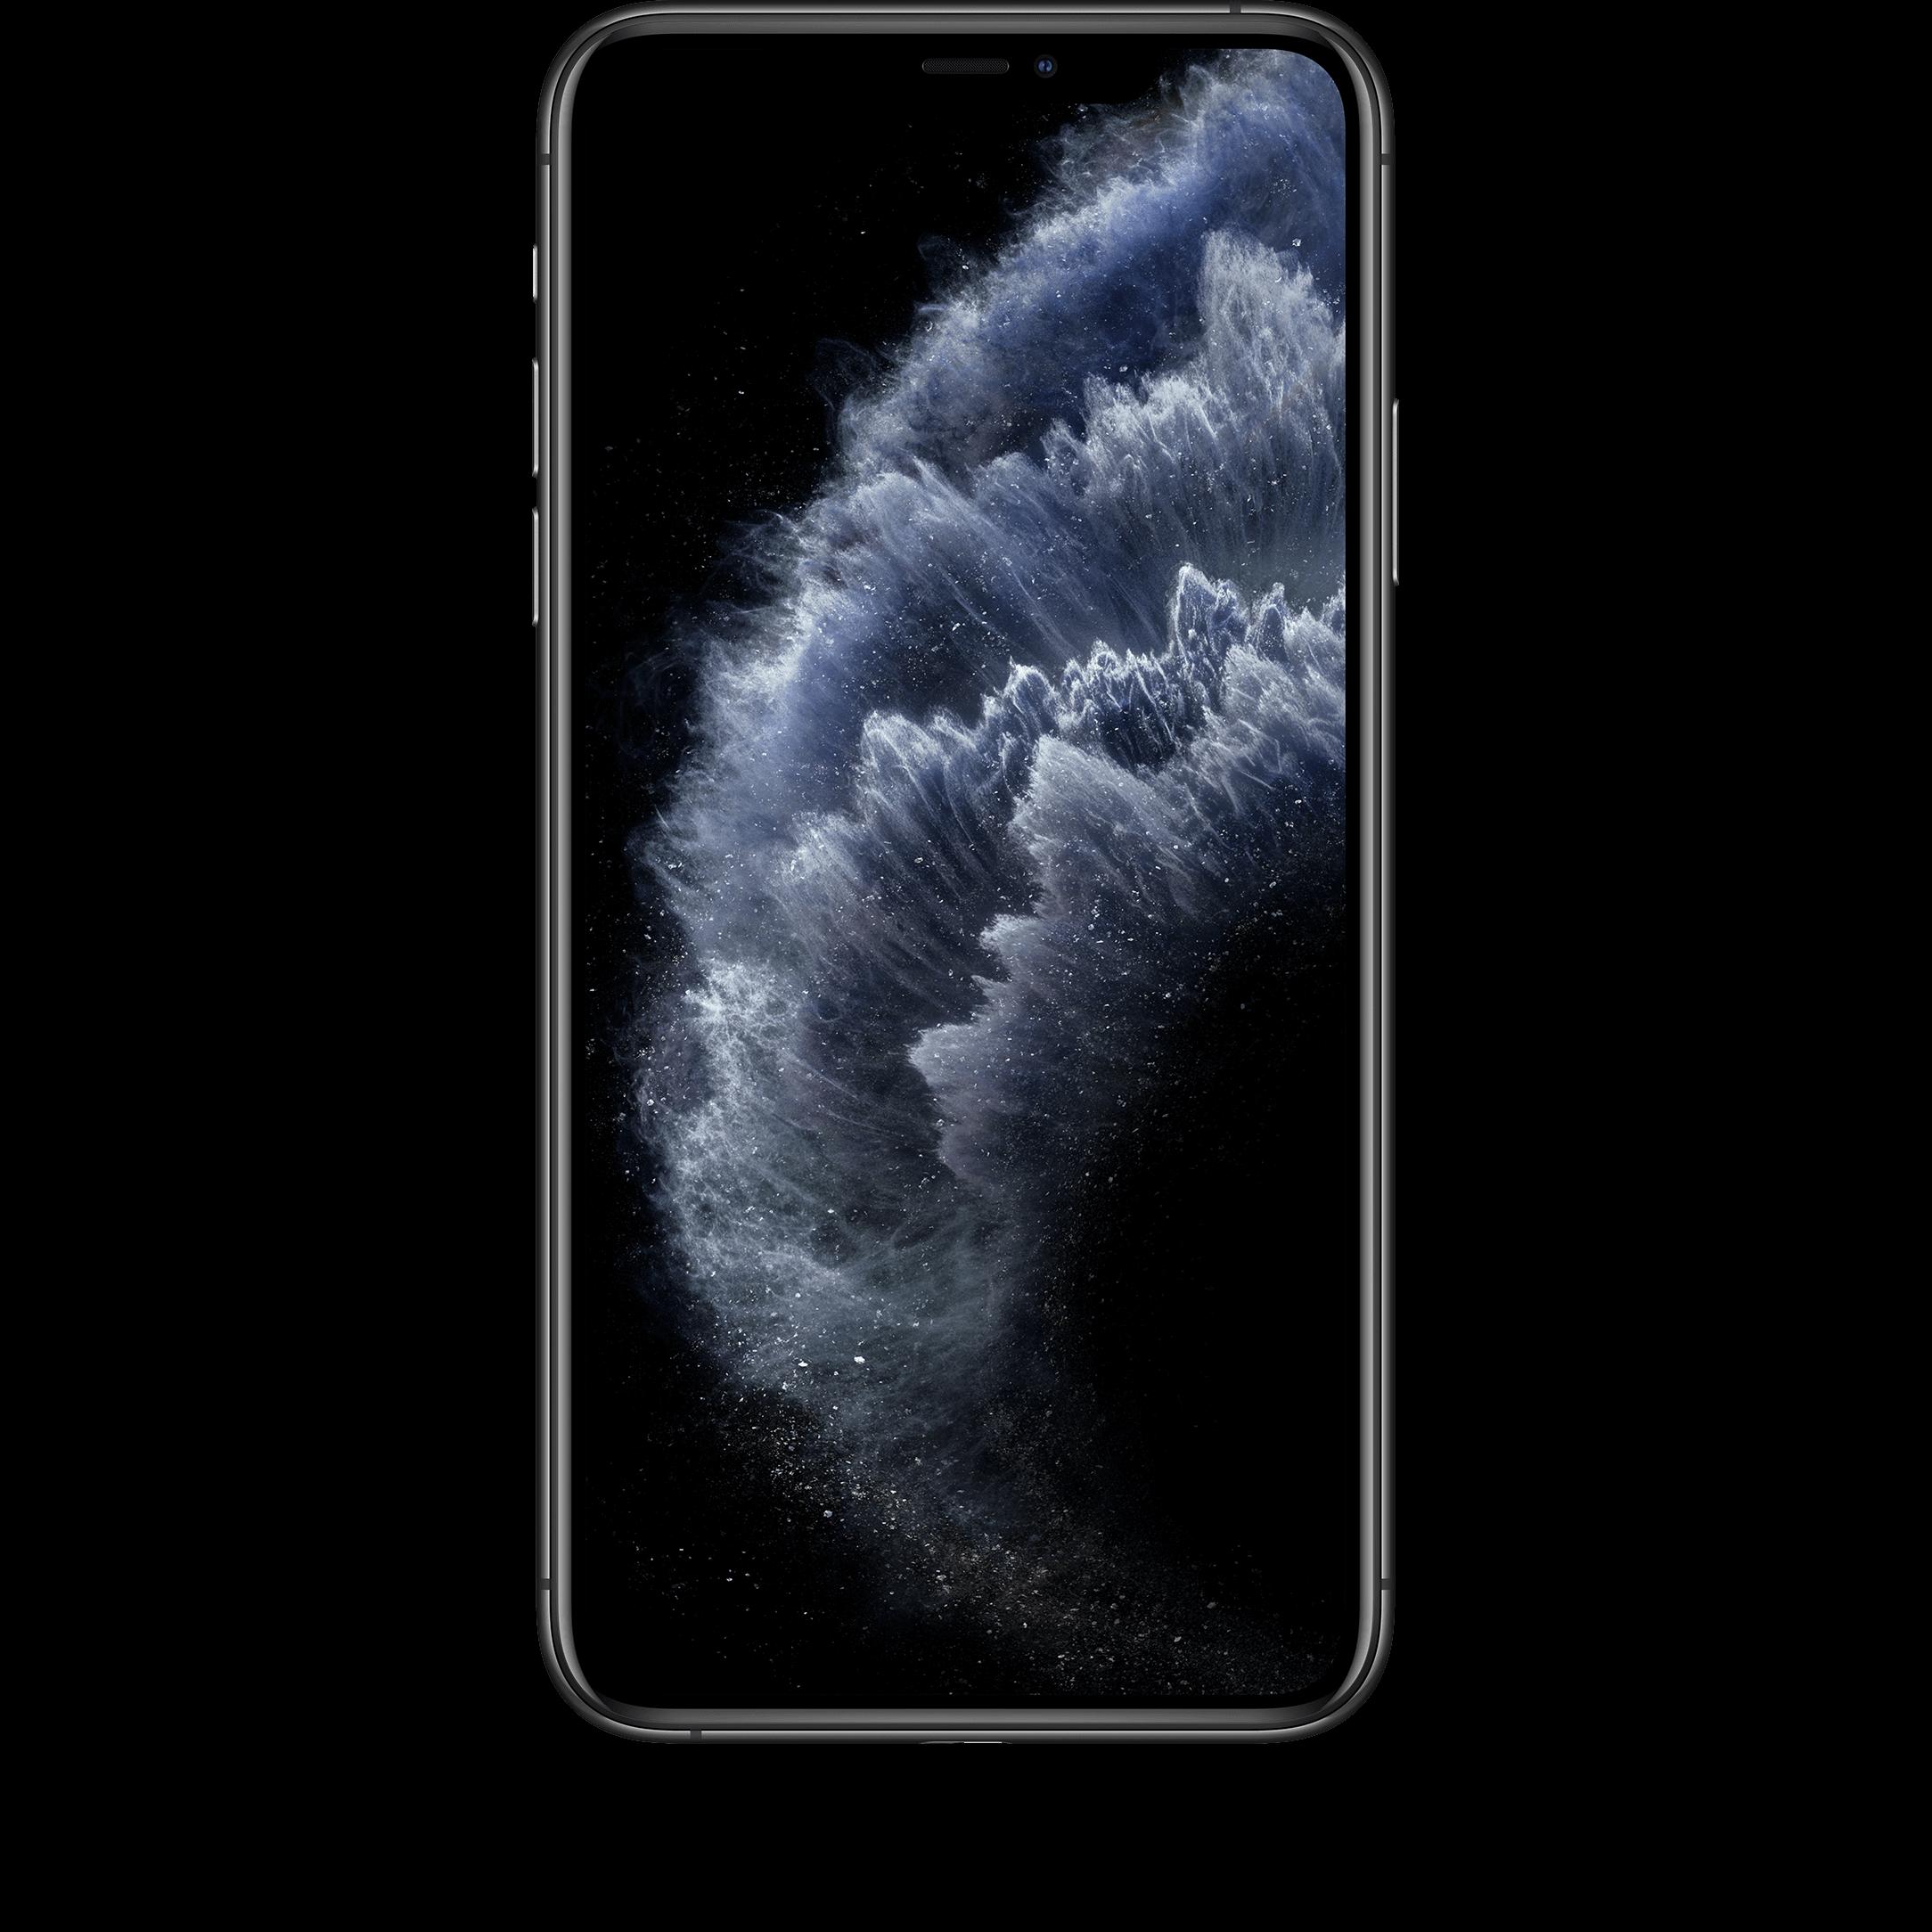 Günstig Kaufen beim Preisvergleich-Apple iPhone 11 Pro Max 256 GB spacegrau mit Allnet Flat Plus Flex